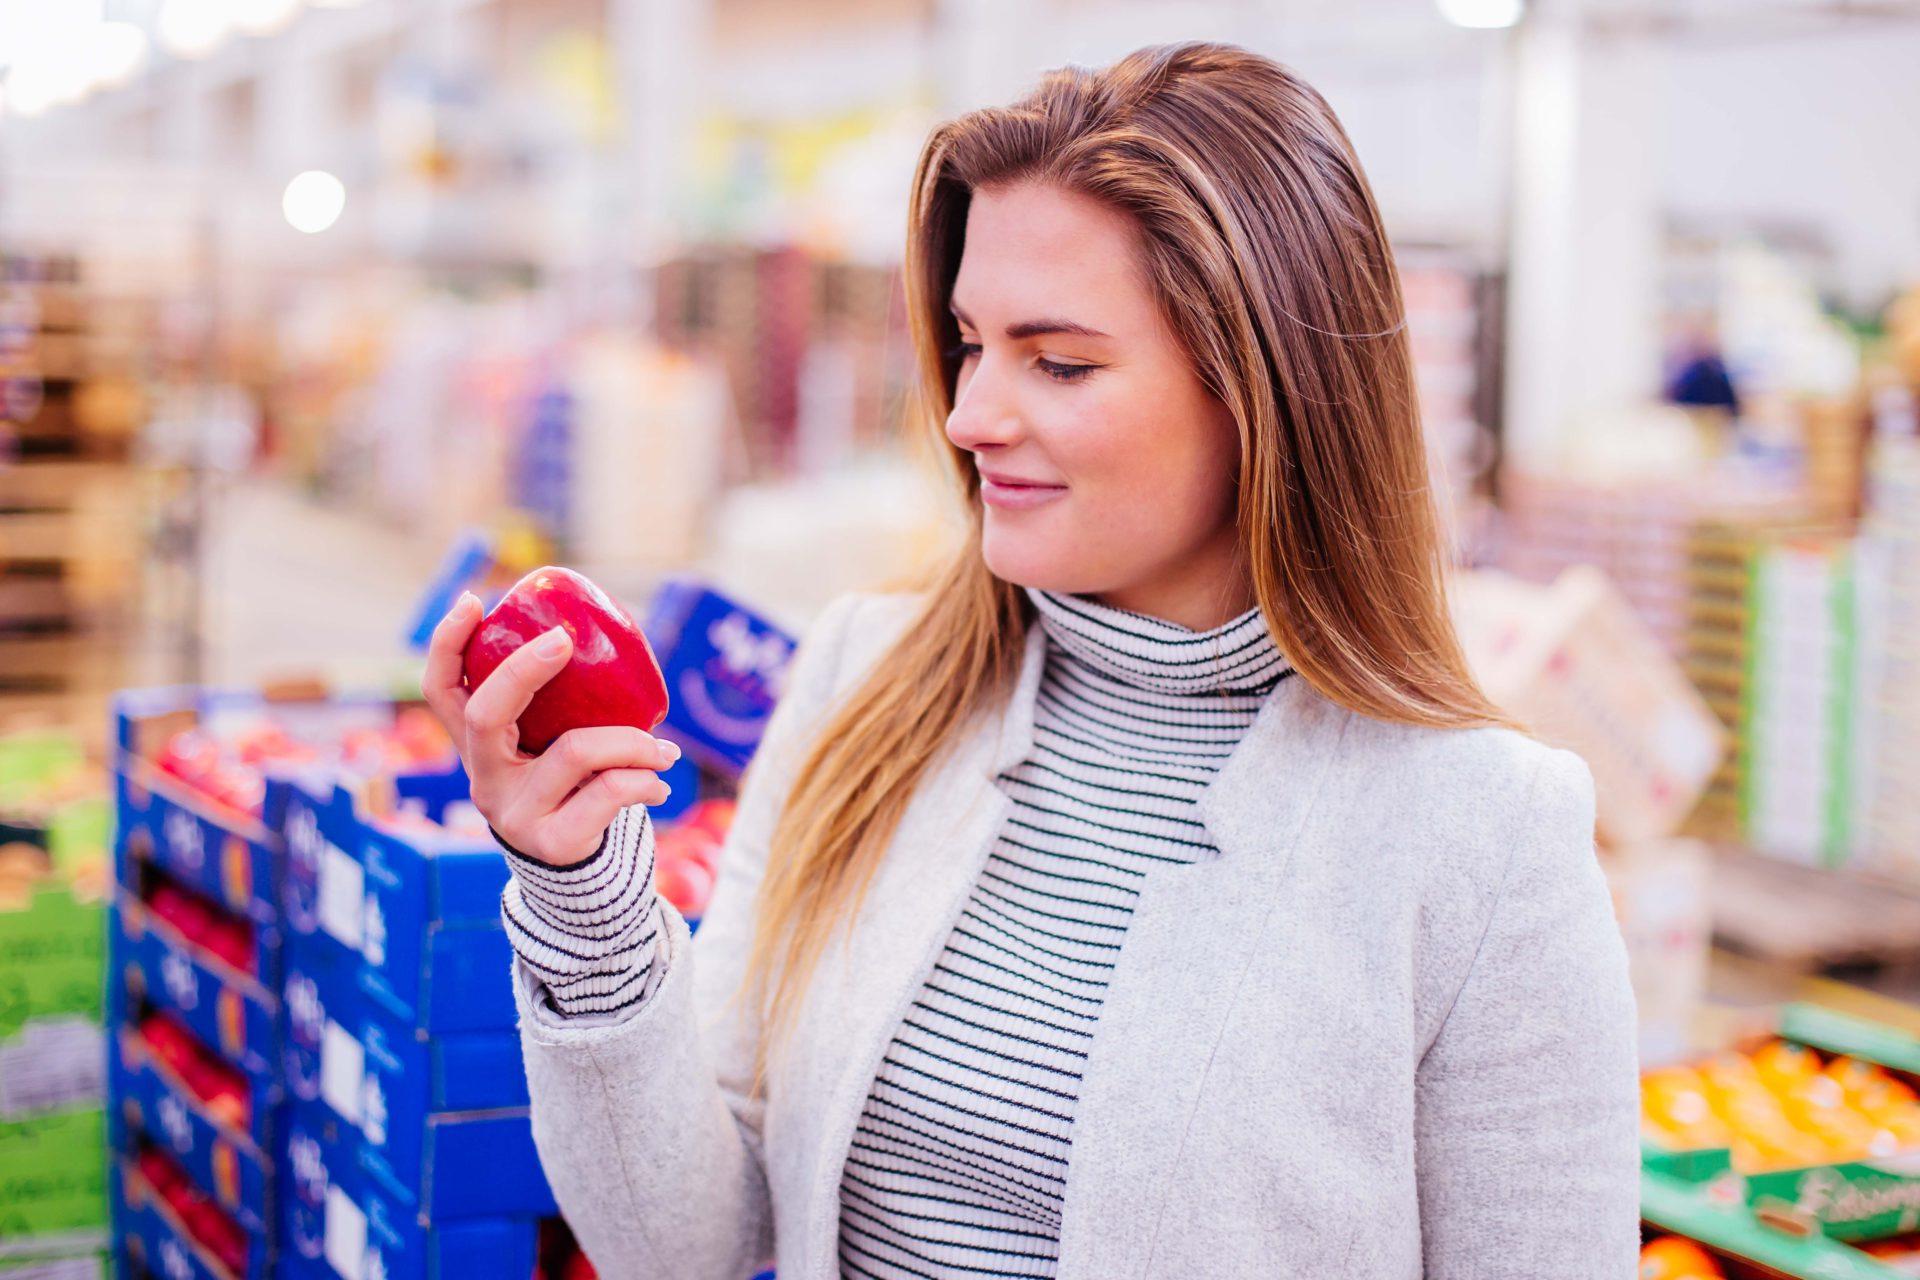 Junge Frau mit Apfel im Supermarkt